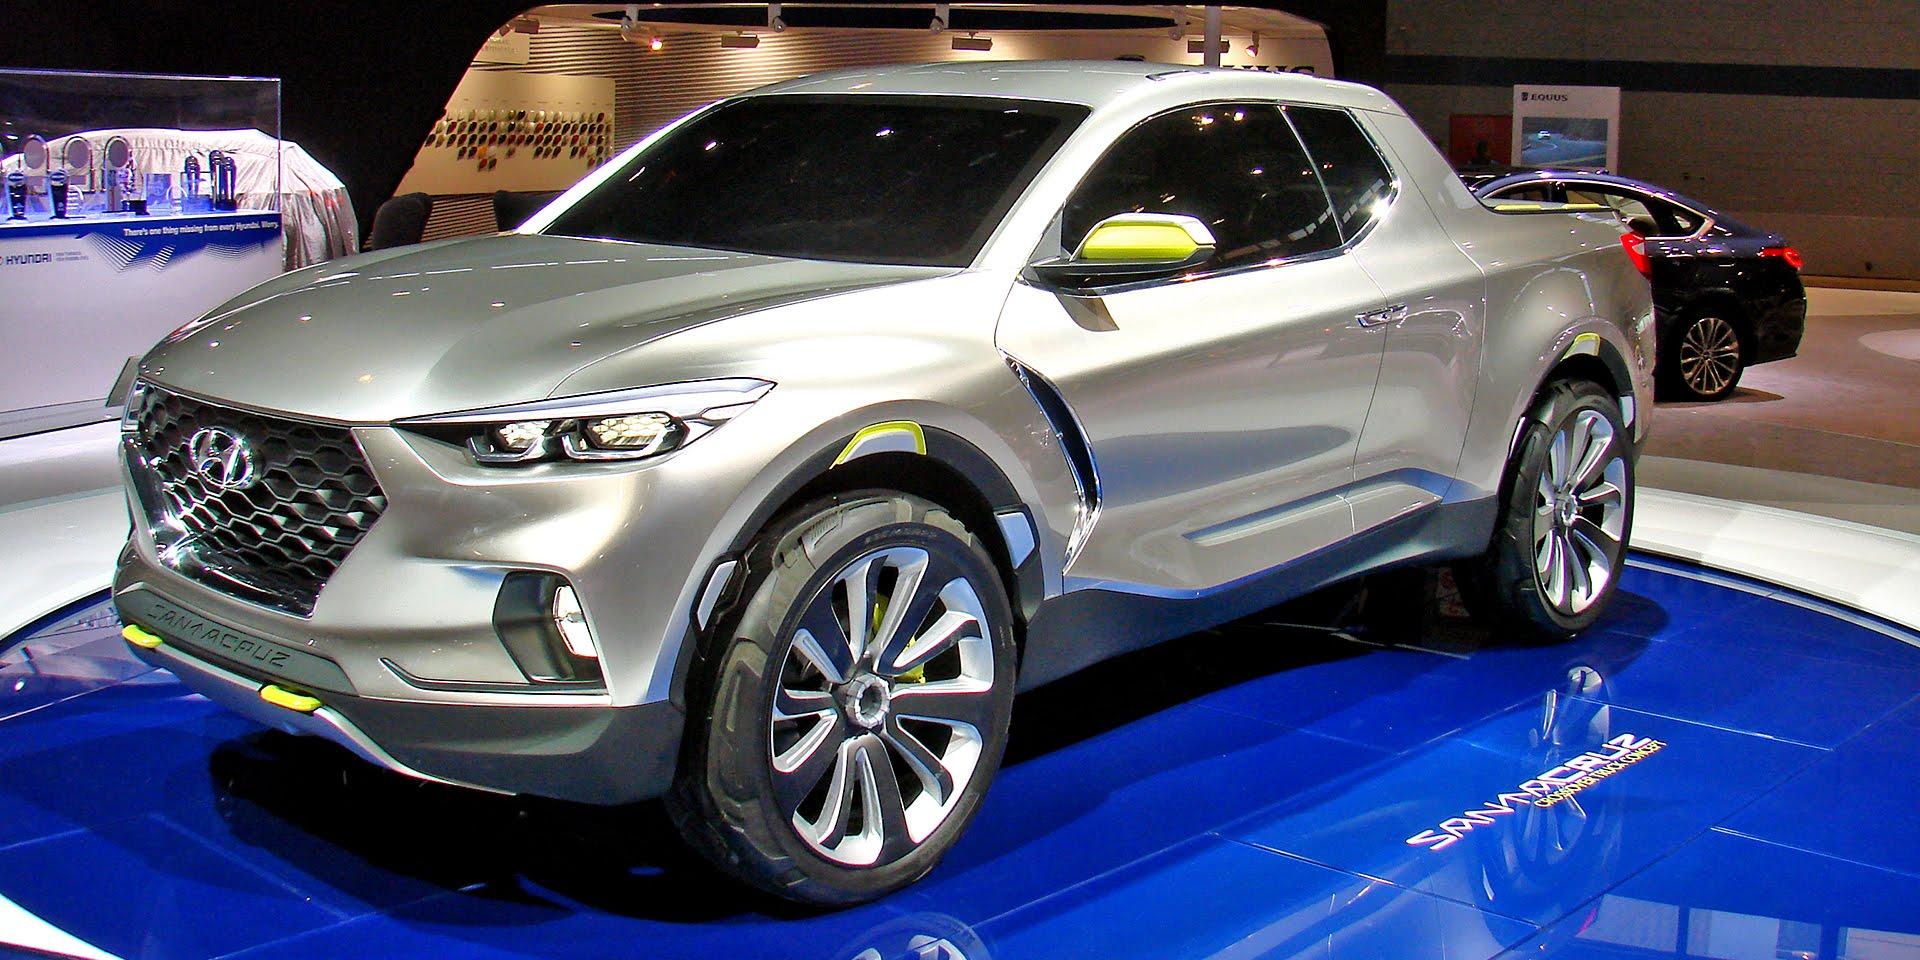 Hyundai Santa Cruz pick-up confirmed for 2021 launch